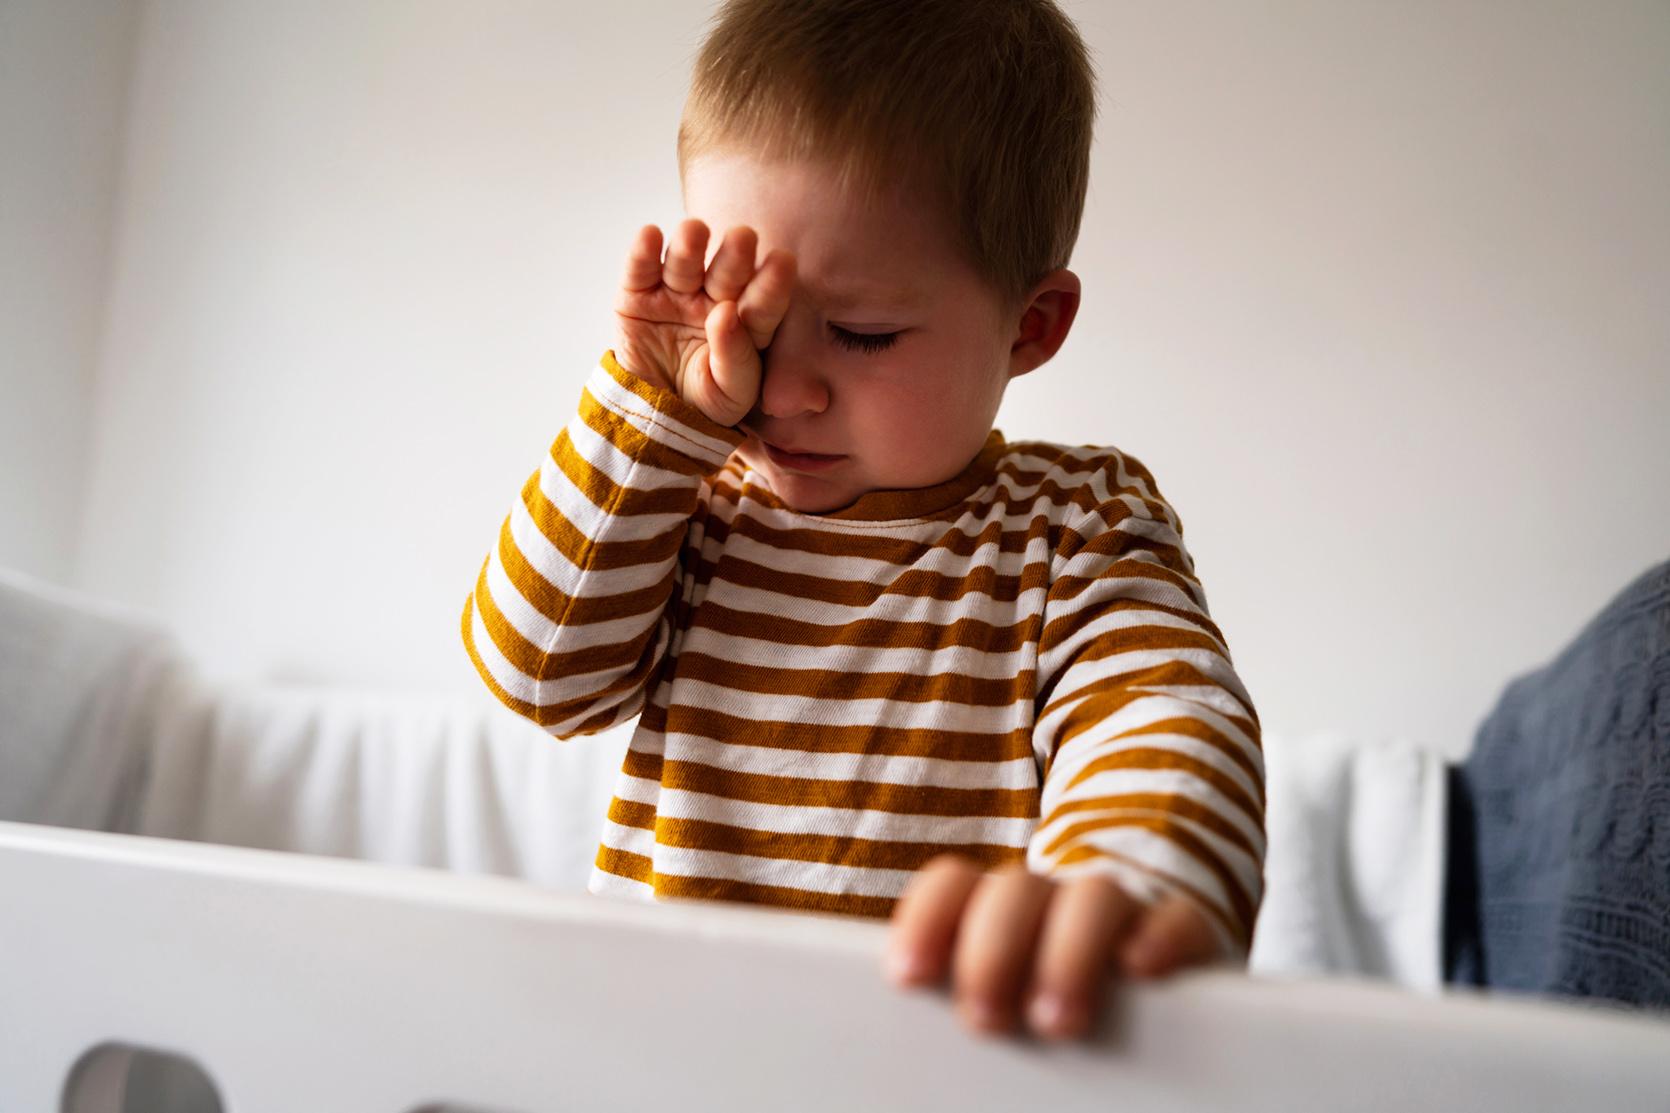 Dziecko wymiotuje żółcią – co robić?/fot. iStock